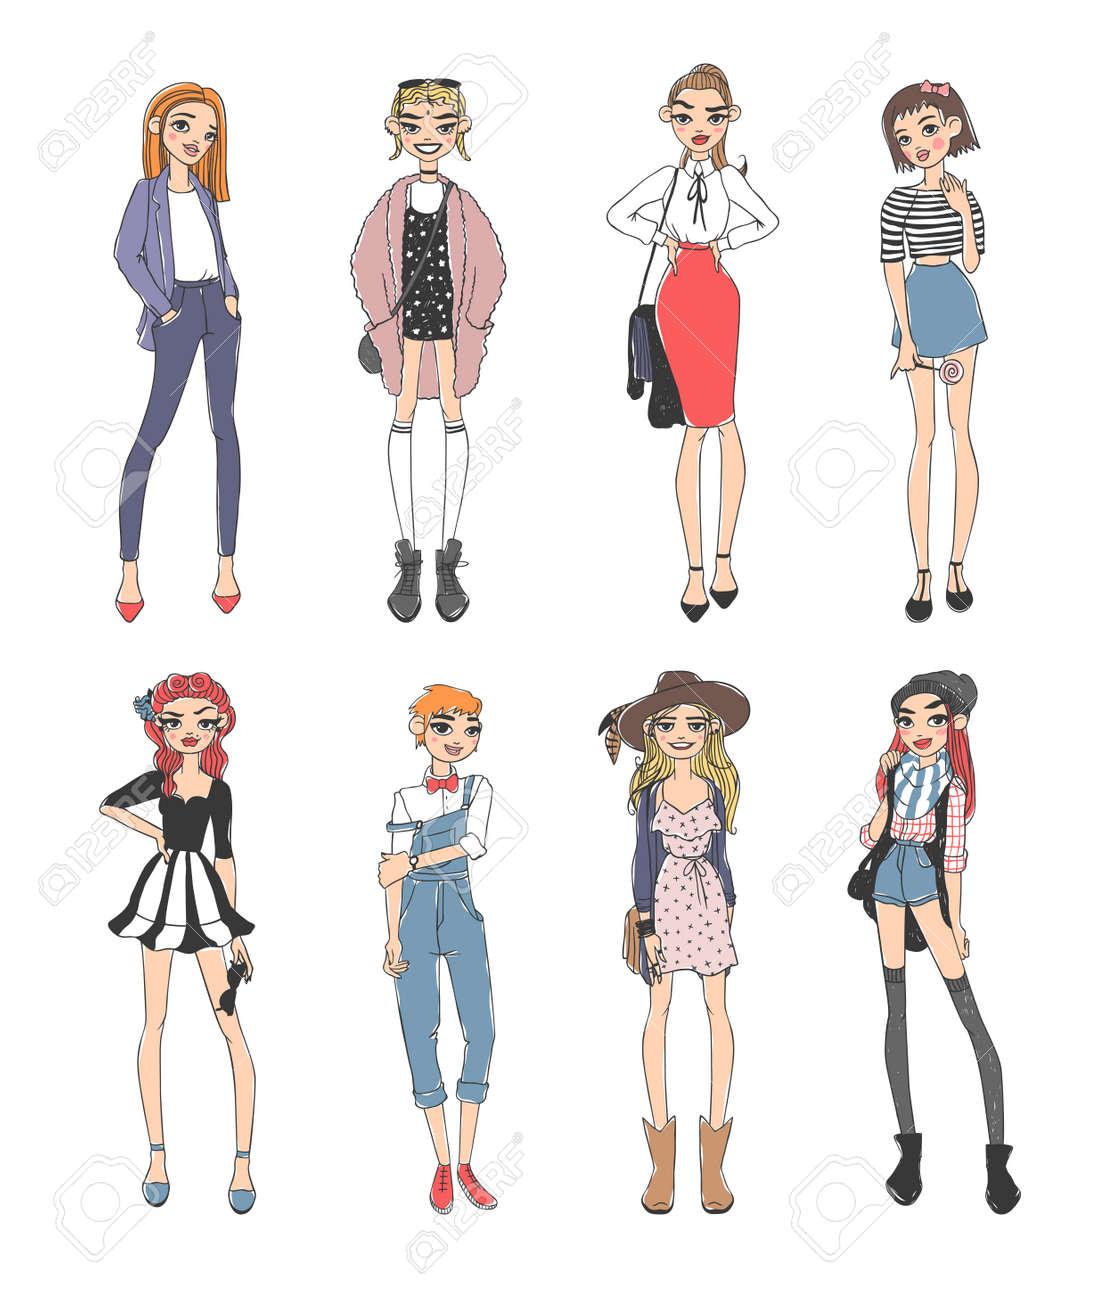 Schöne junge Mode Mädchen lässig Skizze Glamour stilvolle Kleidung und  Mode-Skizze Mädchen Kleider sehen Modelle gekleidet. Arbeiten Sie  beiläufige